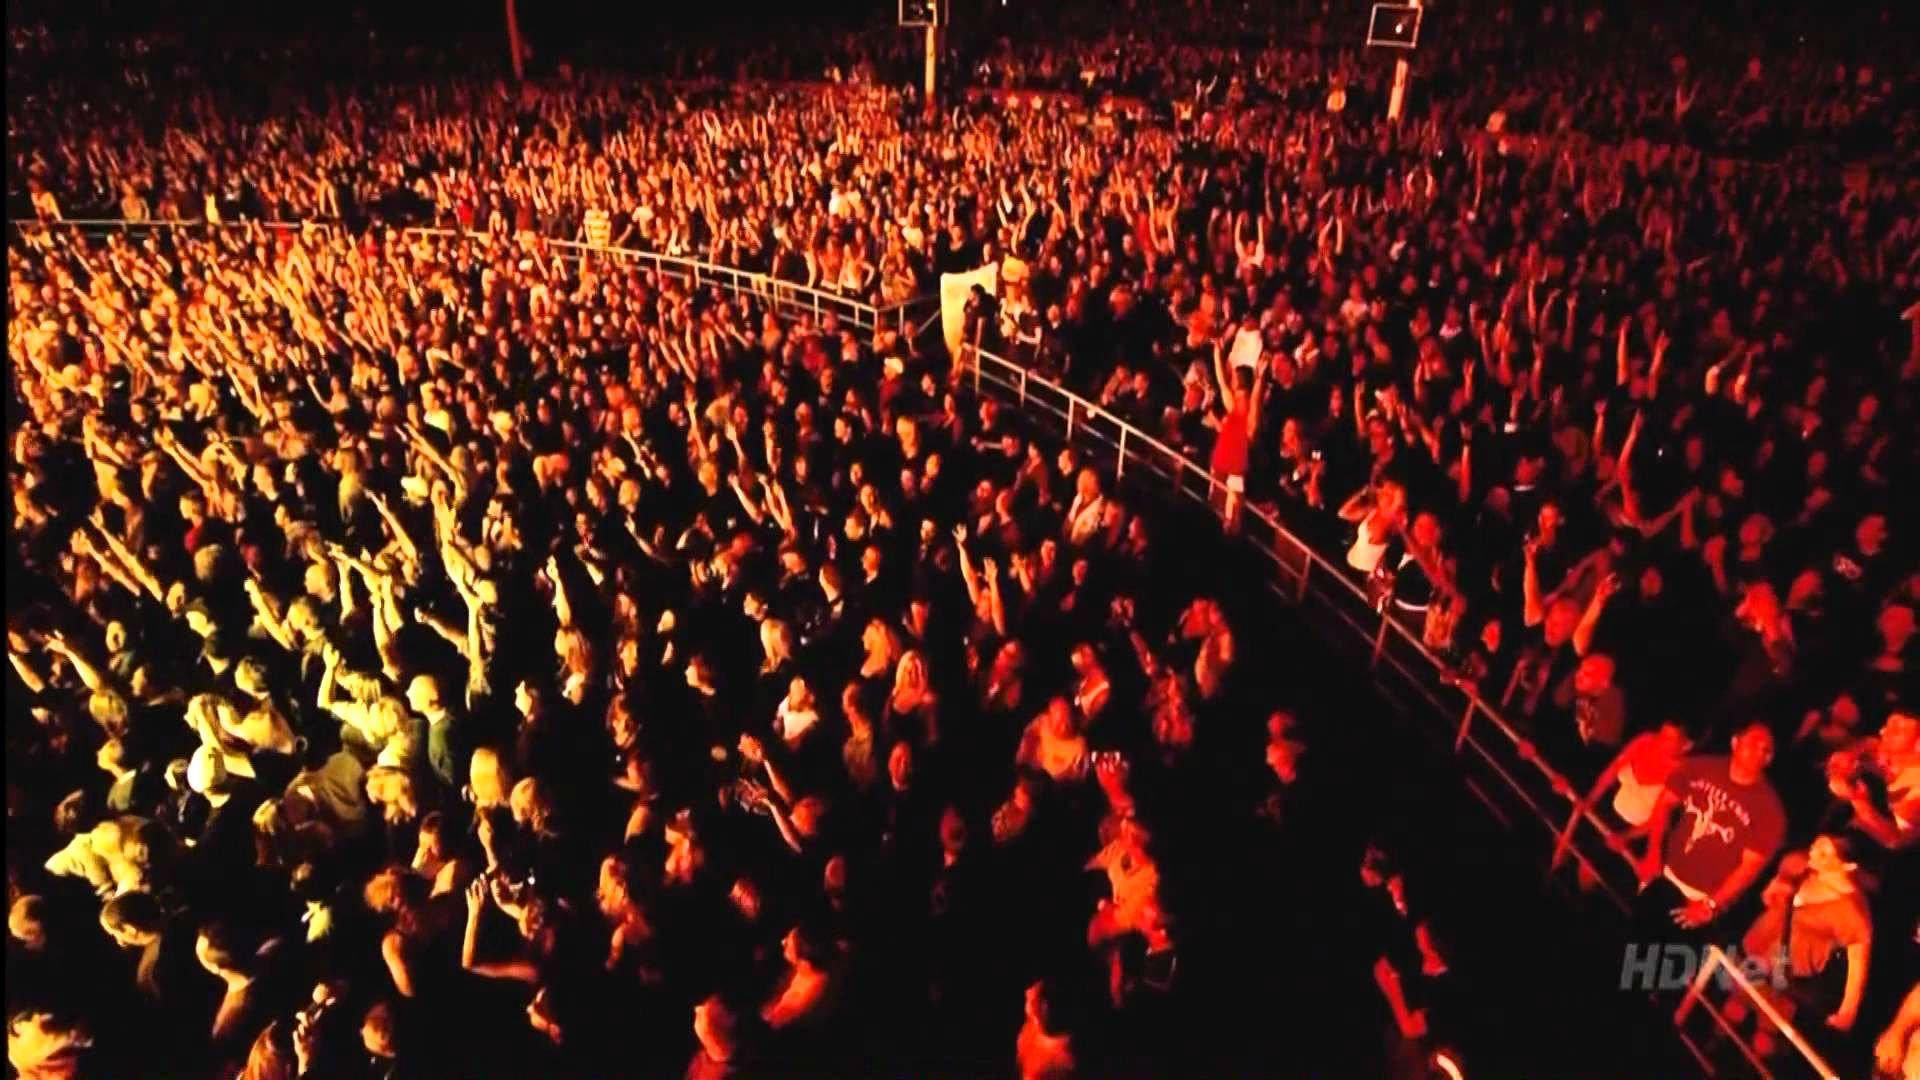 concert crowd wallpaper wallpapersafari